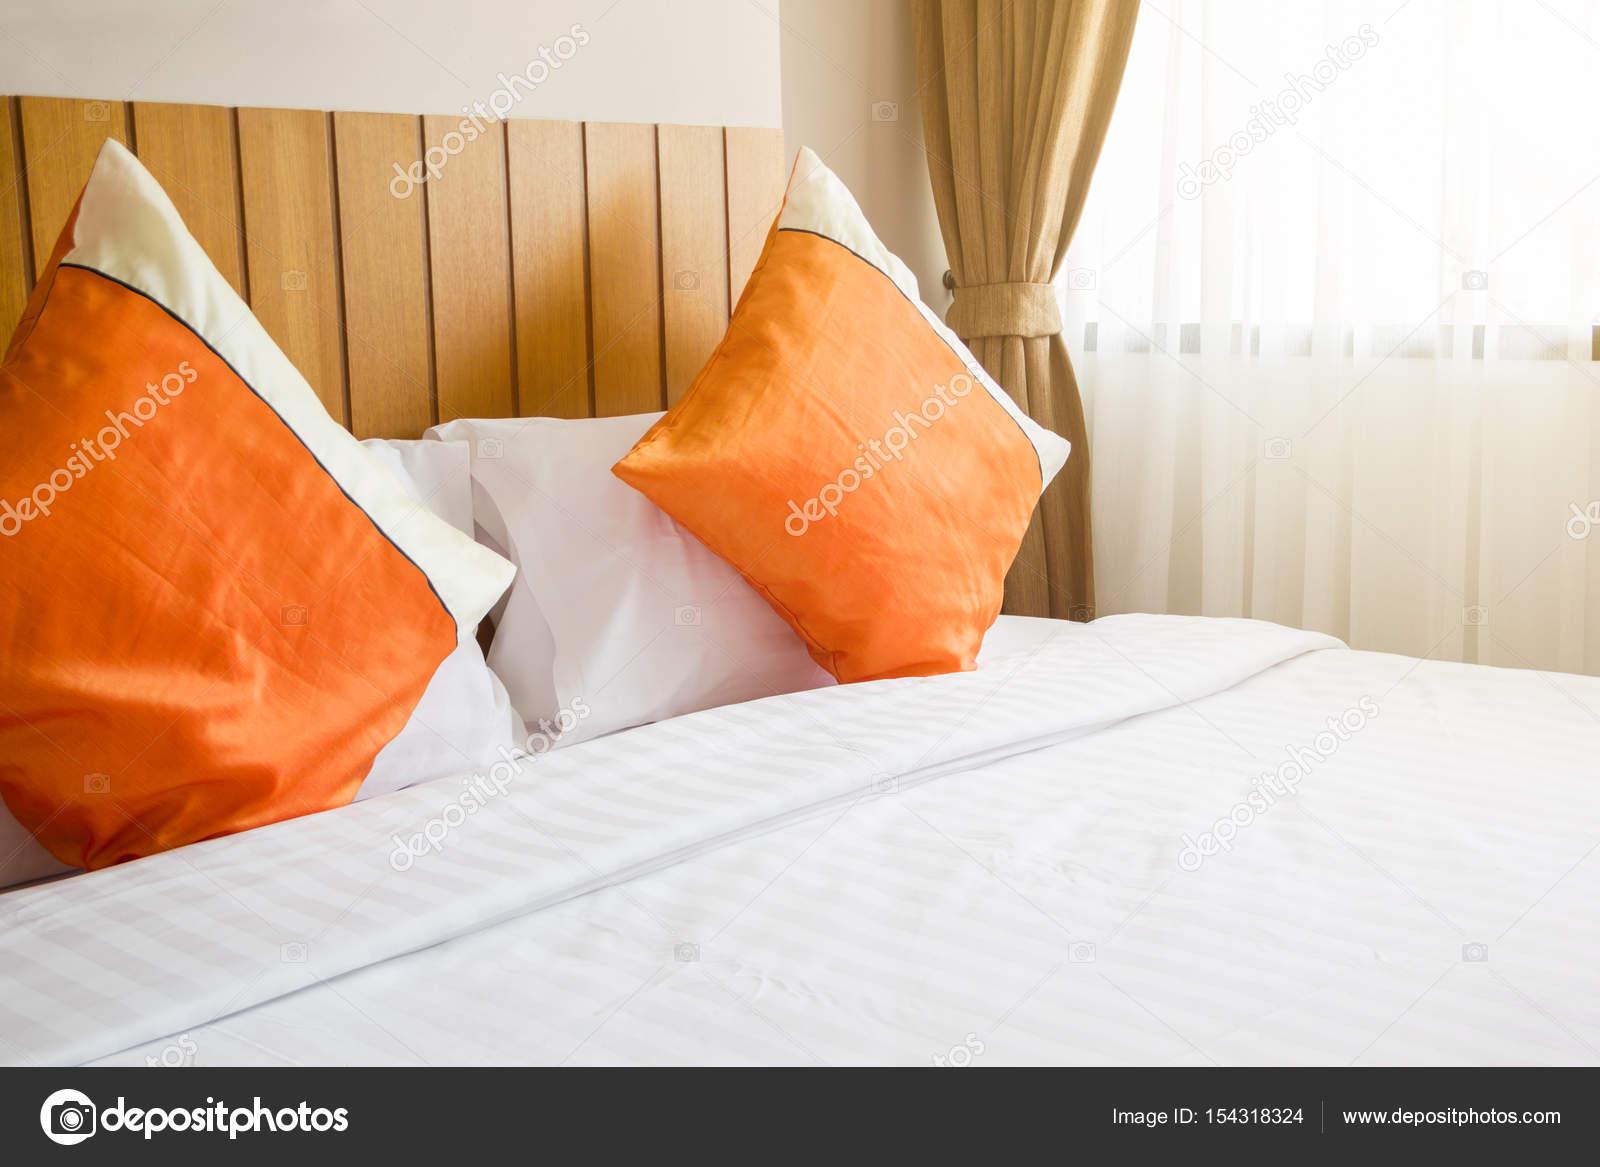 Cuscino arancione e bianco coperta sul letto nella camera da letto